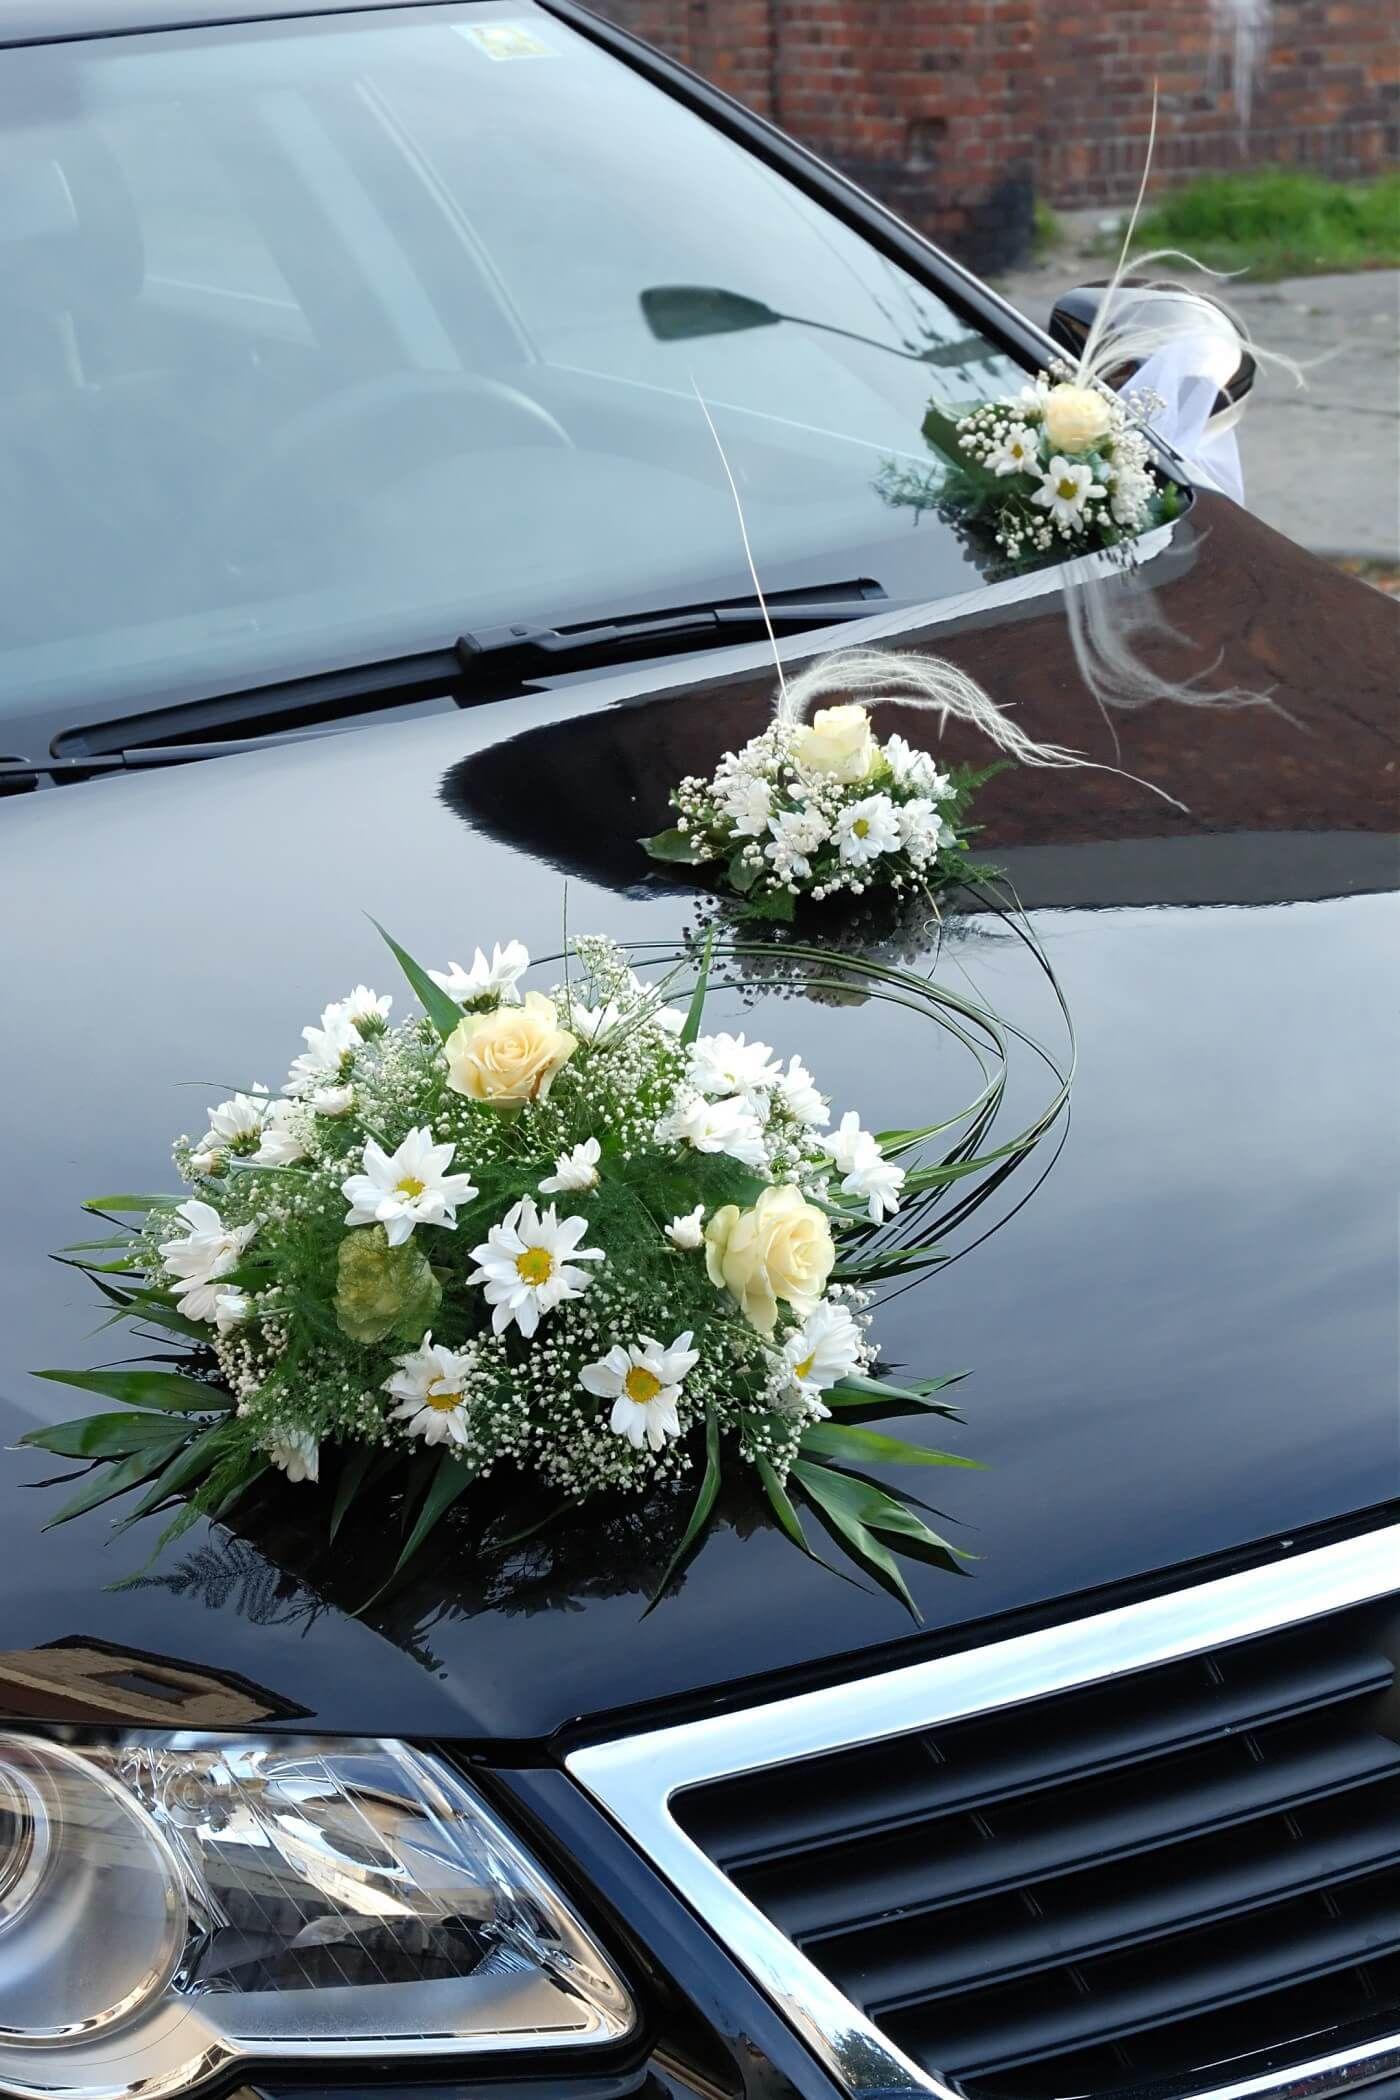 Hochzeitsauto Mit Blumenschmuck Grosse Bildergalerie Autoschmuck Hochzeit Hochzeitsauto Hochzeit Auto